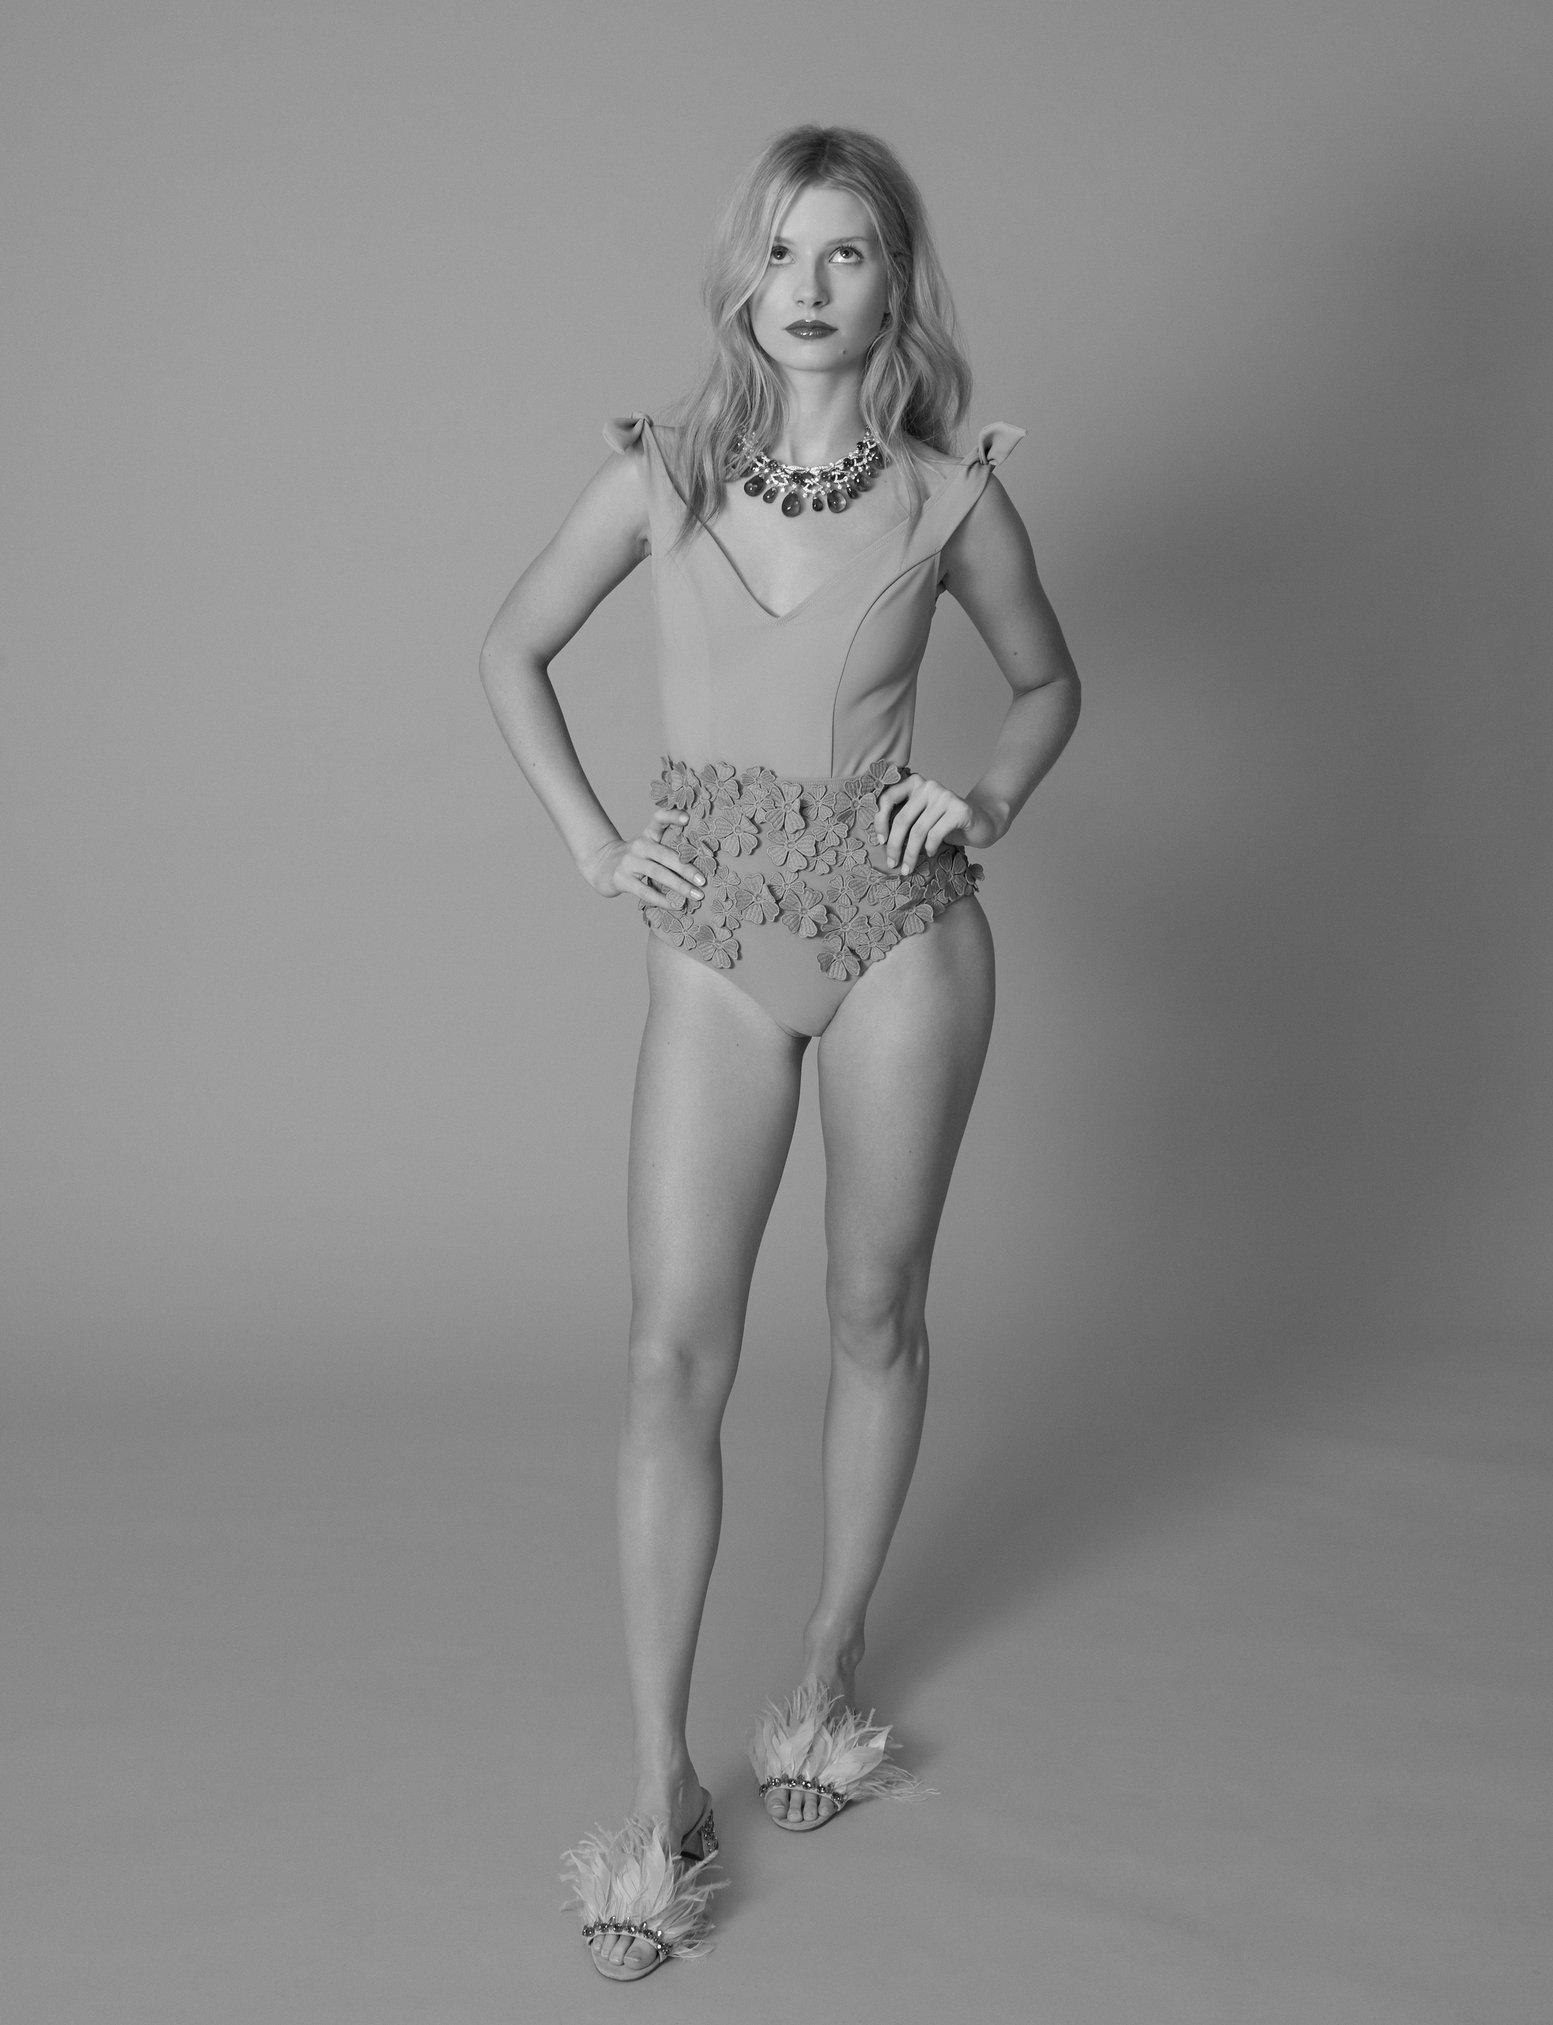 Lottie Moss w/ Sivan Currie